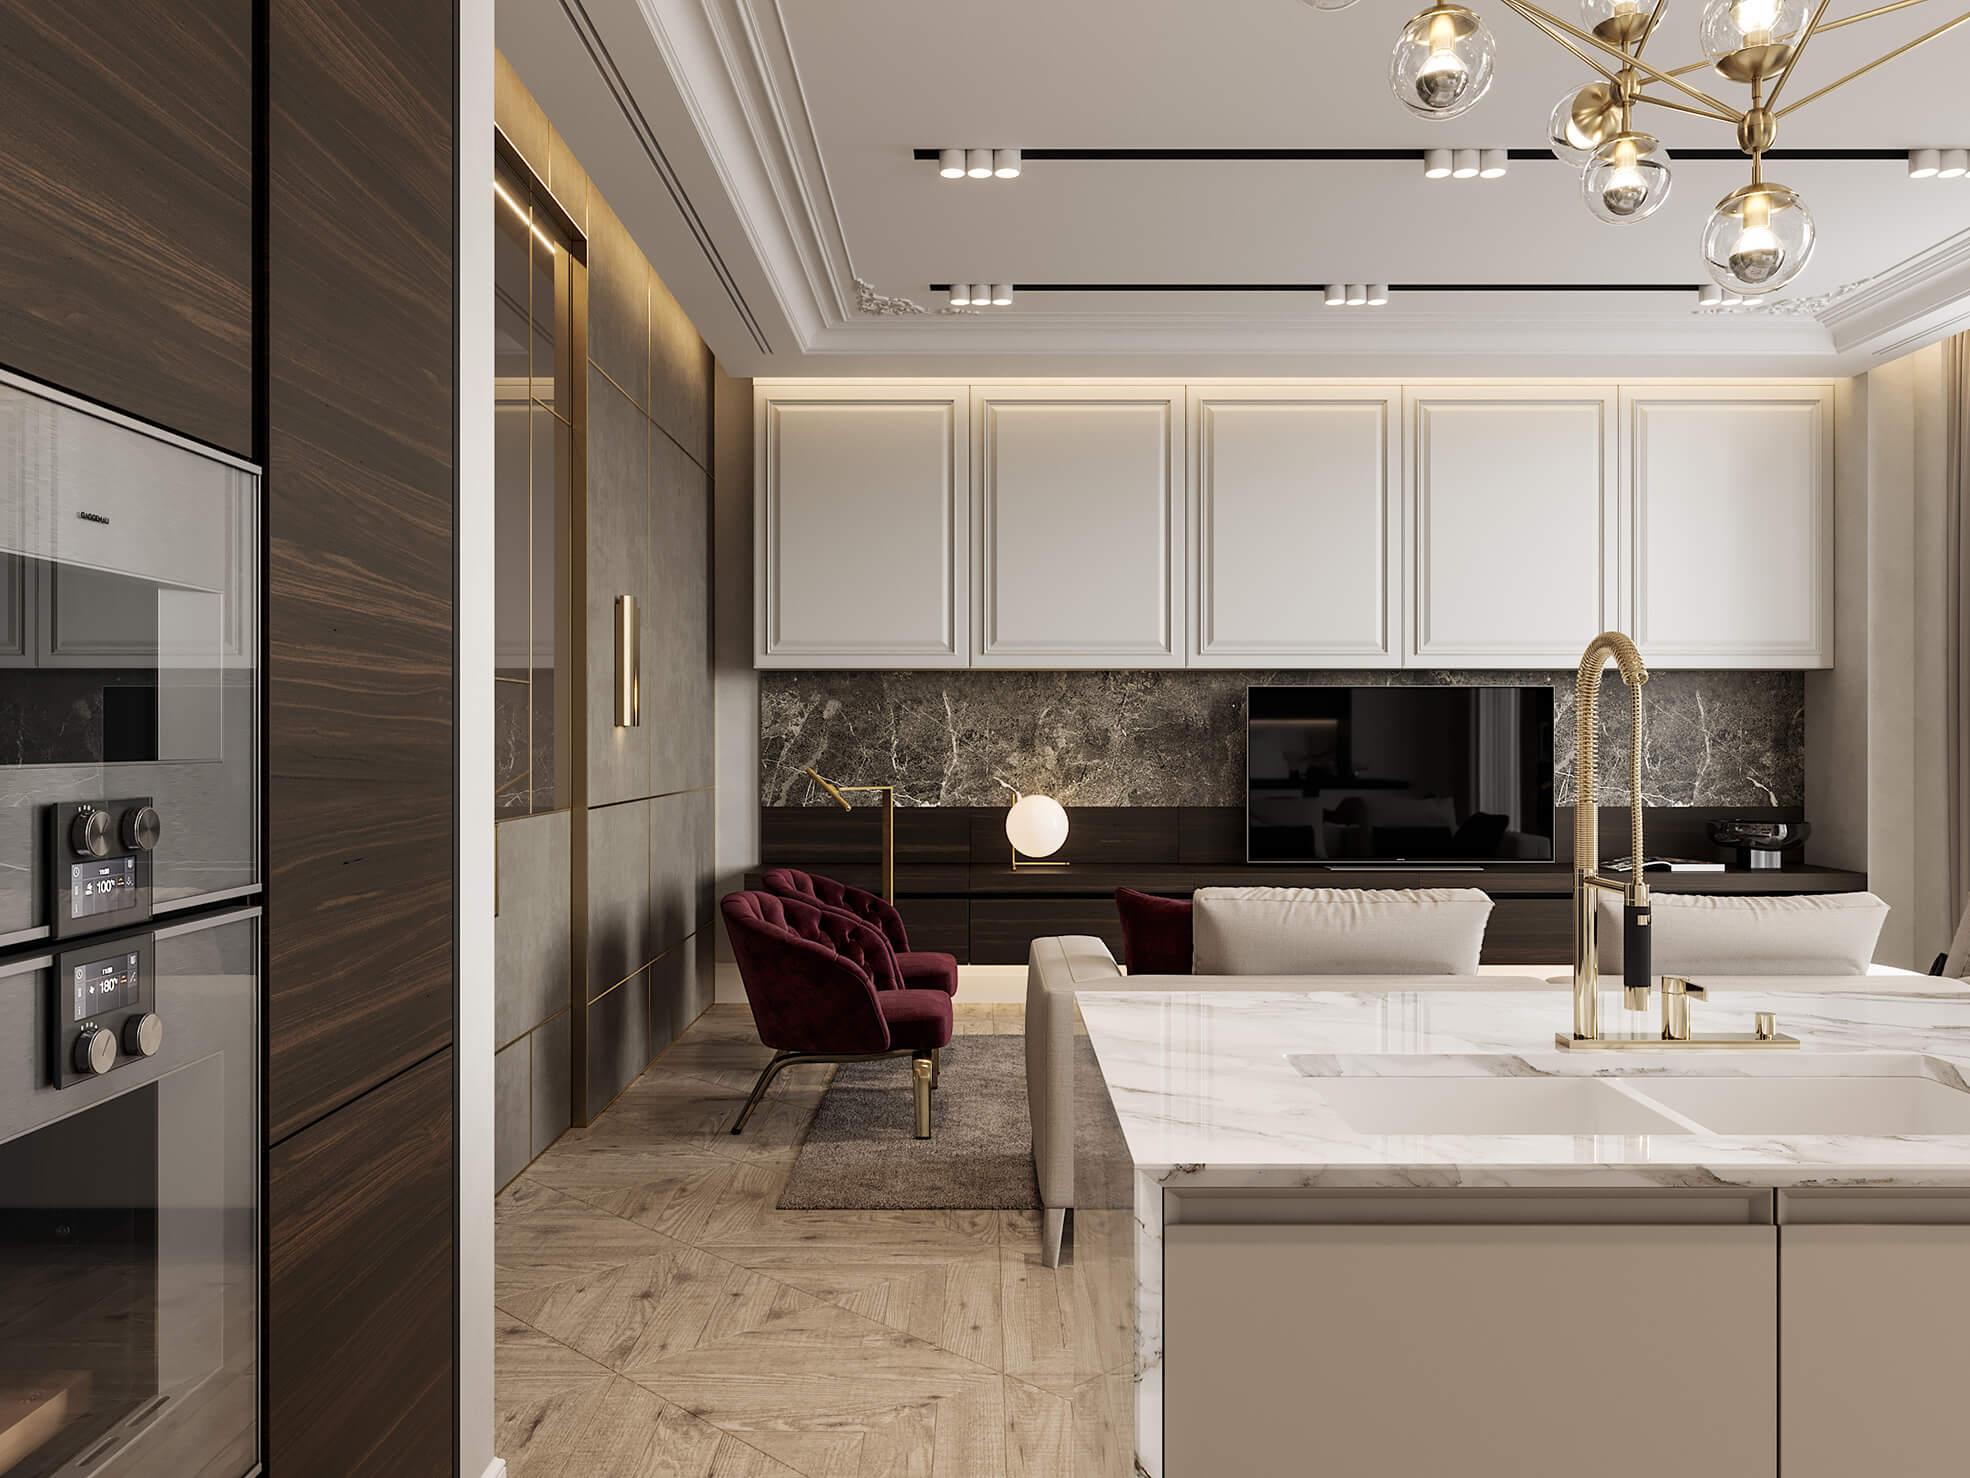 phong cách thiết kế nội thất nhà chung cư đẹp nhất hiện nay 12